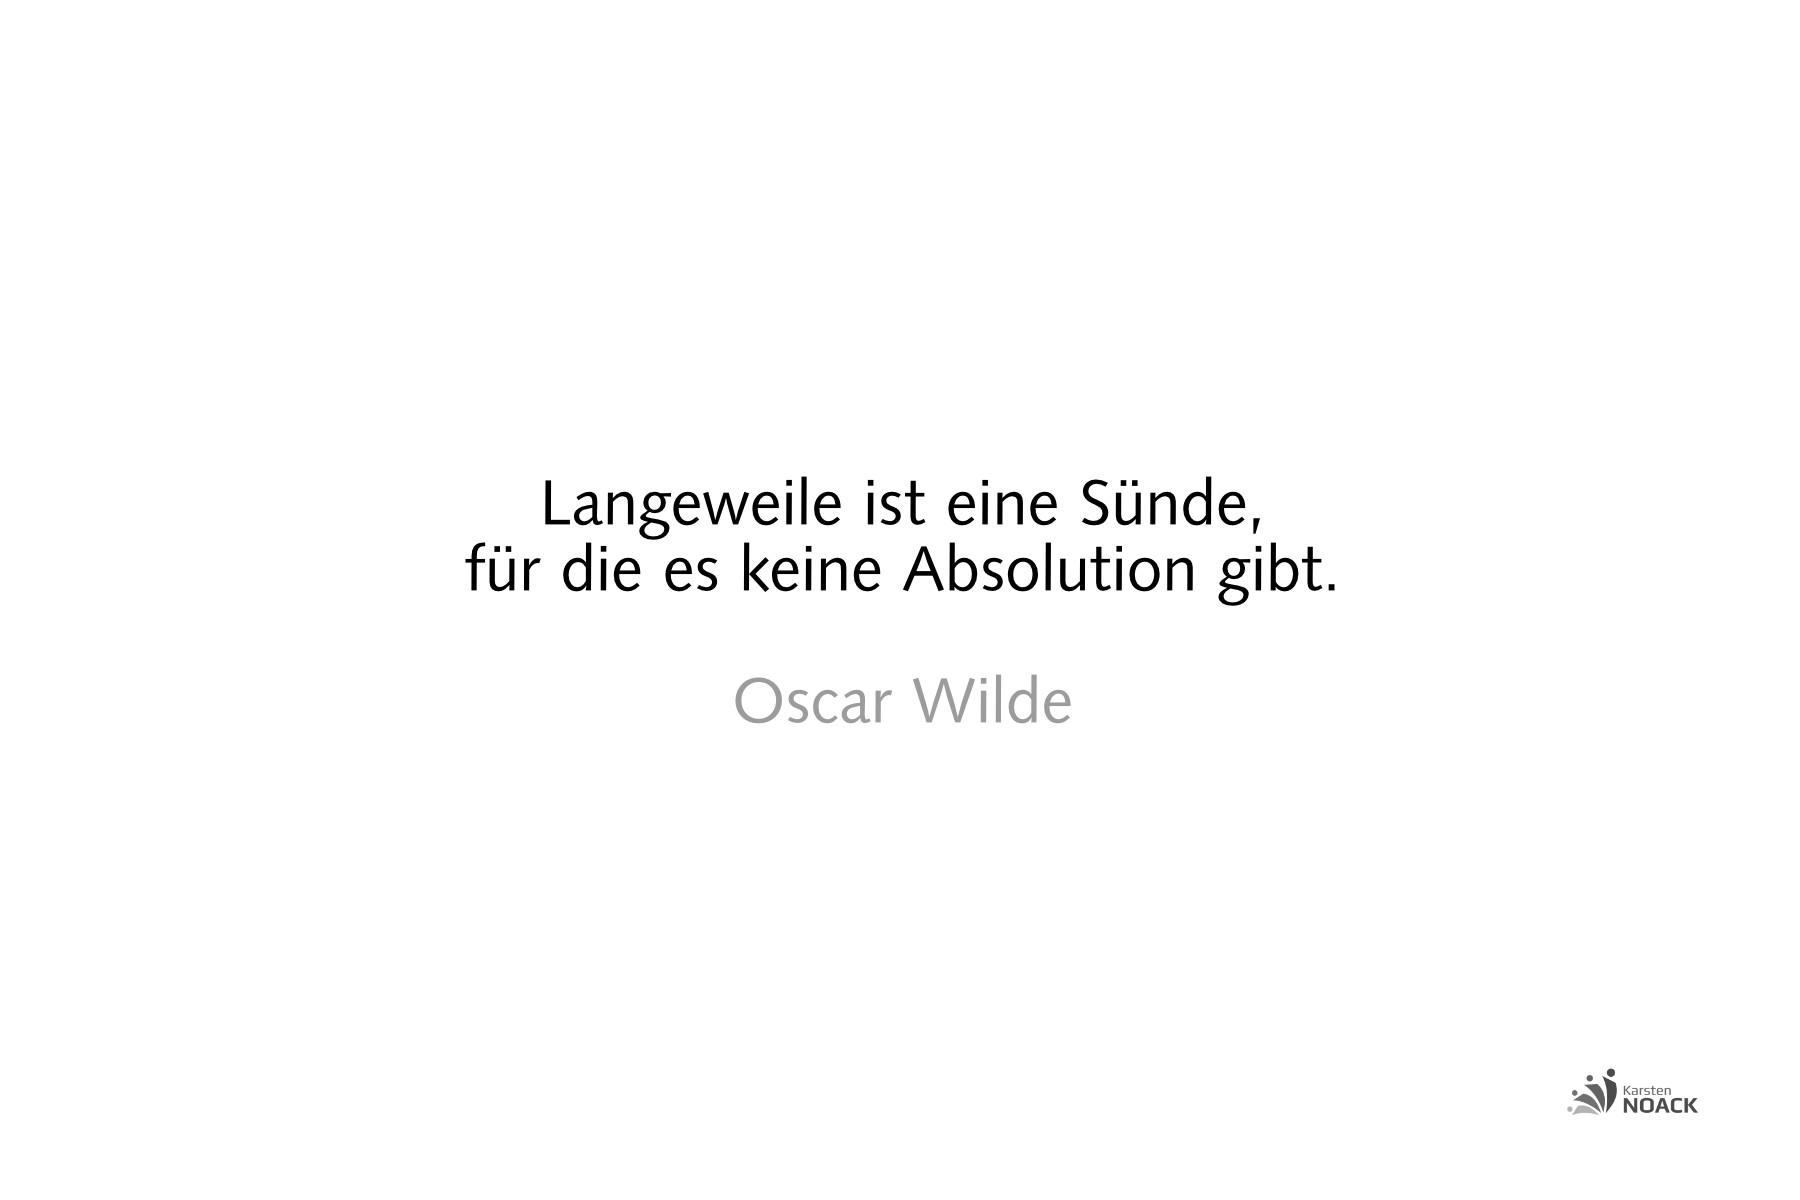 Langeweile ist eine Sünde, für die es keine Absolution gibt. Oscar Wilde